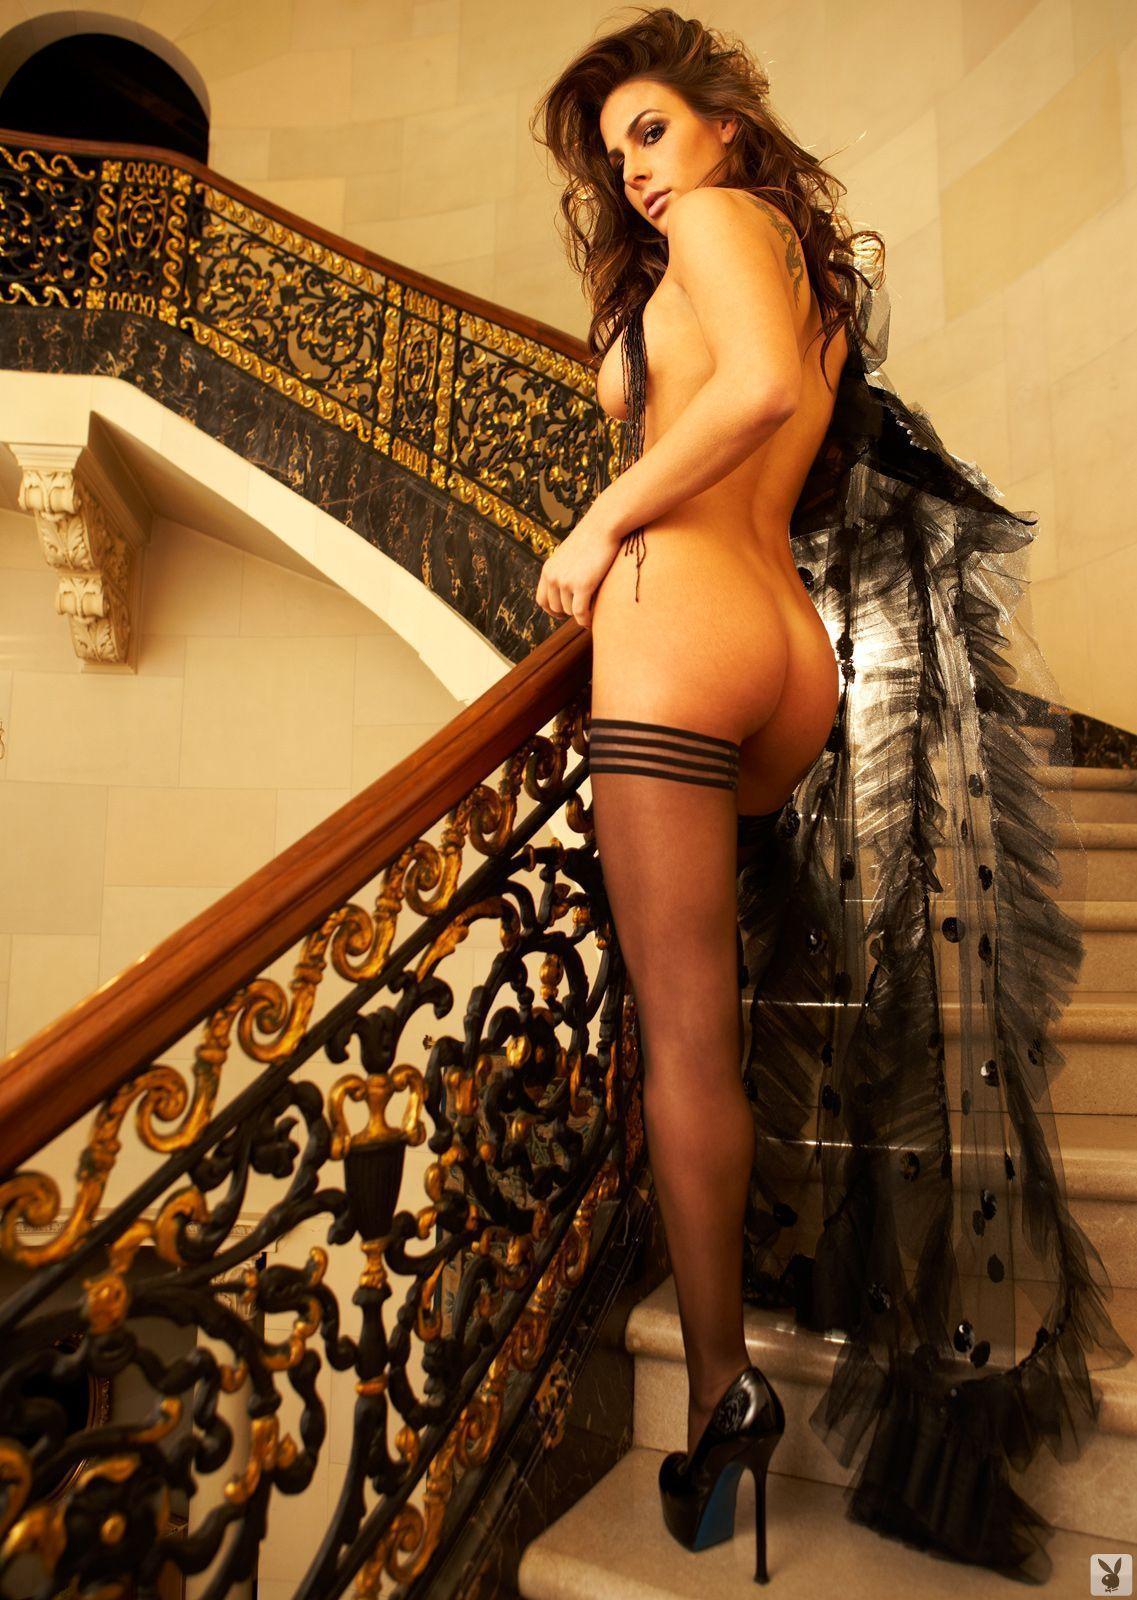 Ashley youman nude pics